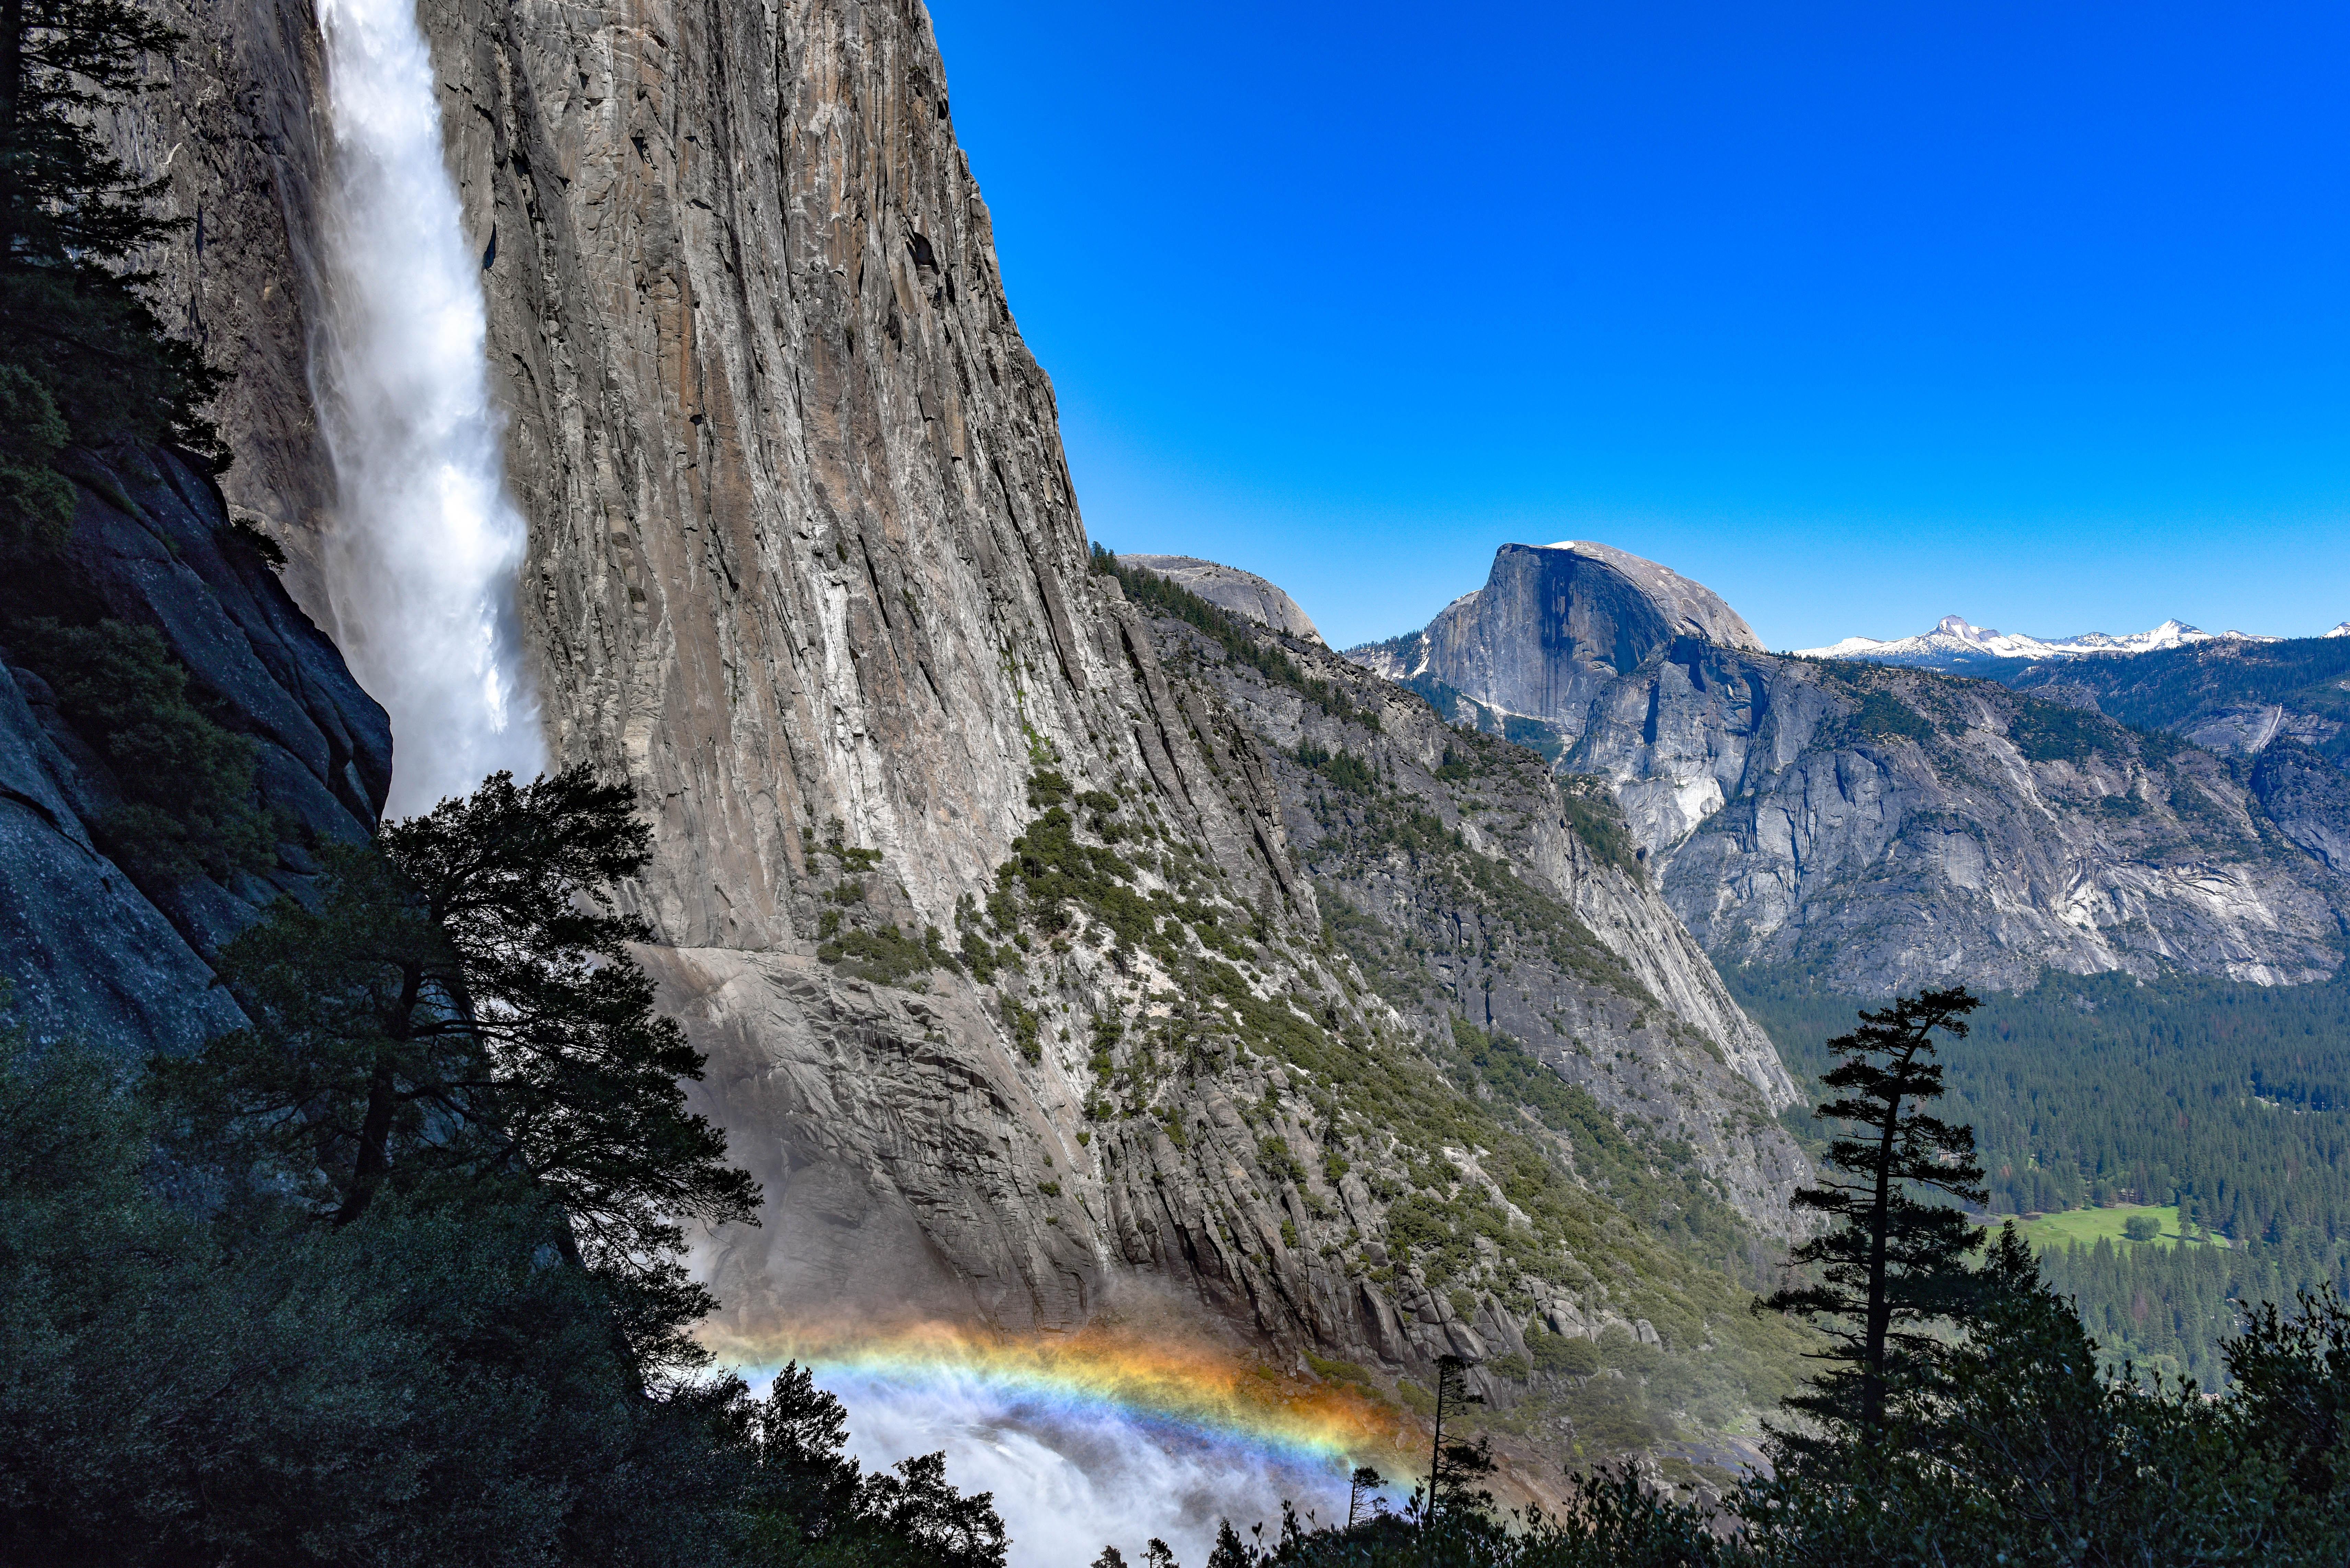 horsetail waterfalls at daytime